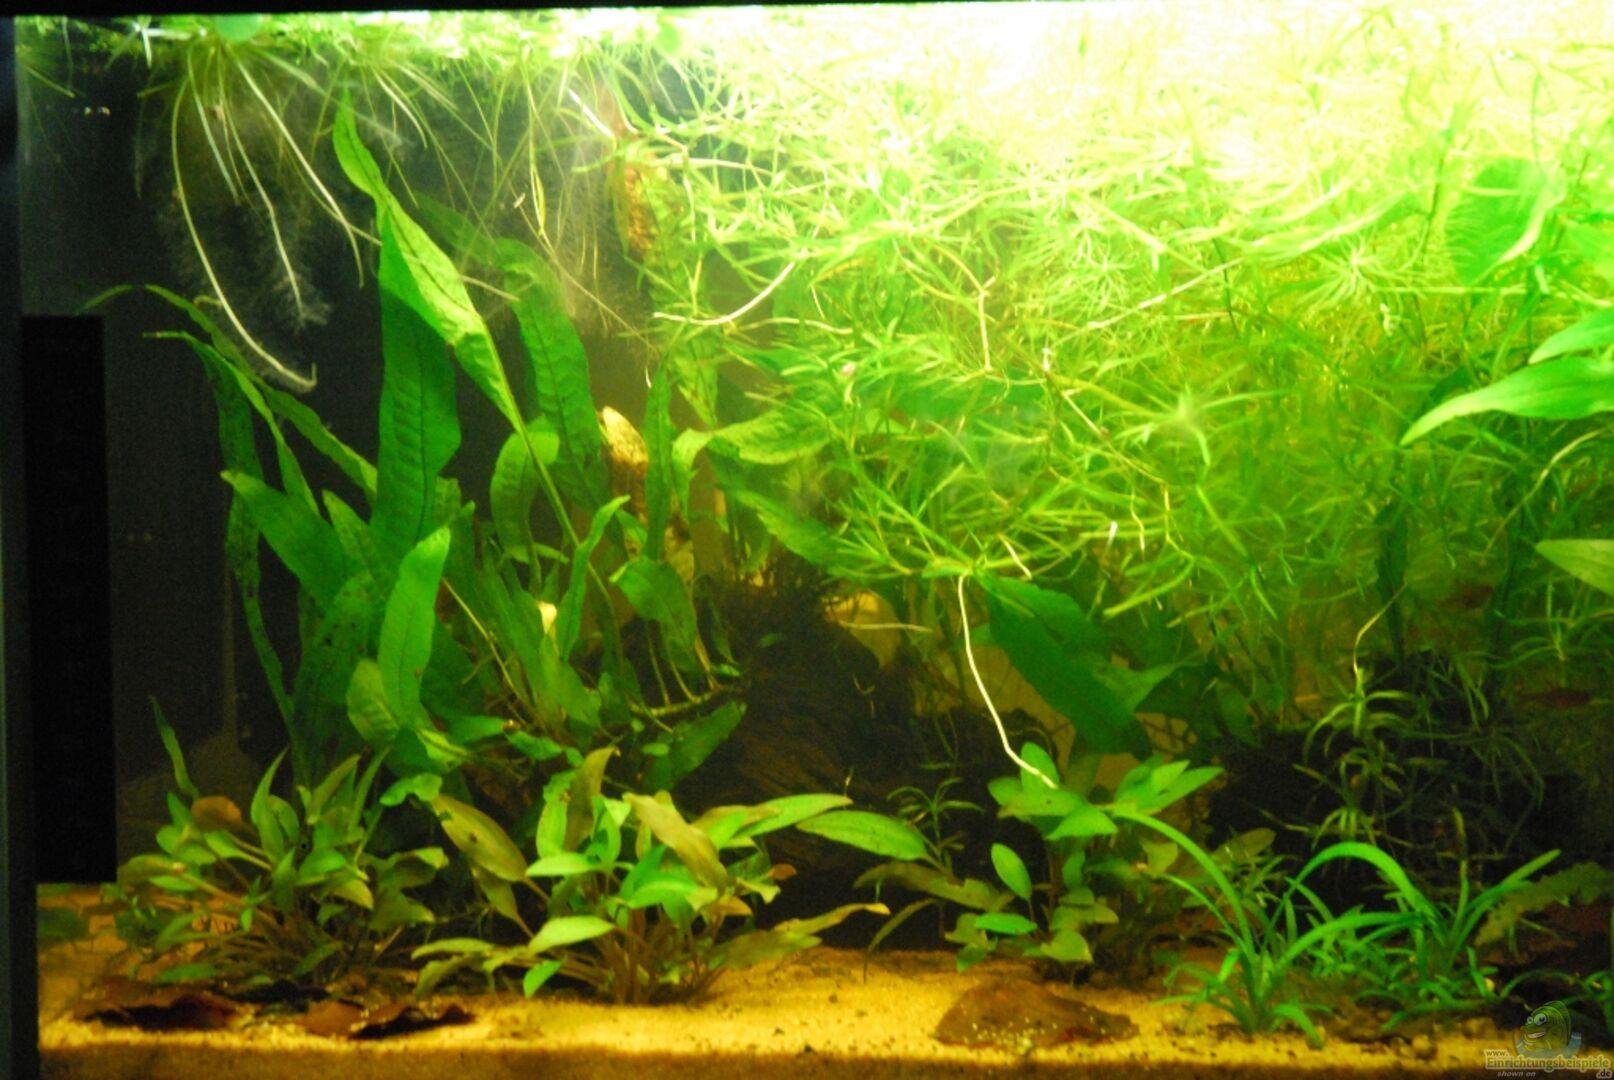 Peter meyer 20076 ismaninger krautbach nicht mehr in for Waterhome aquarium